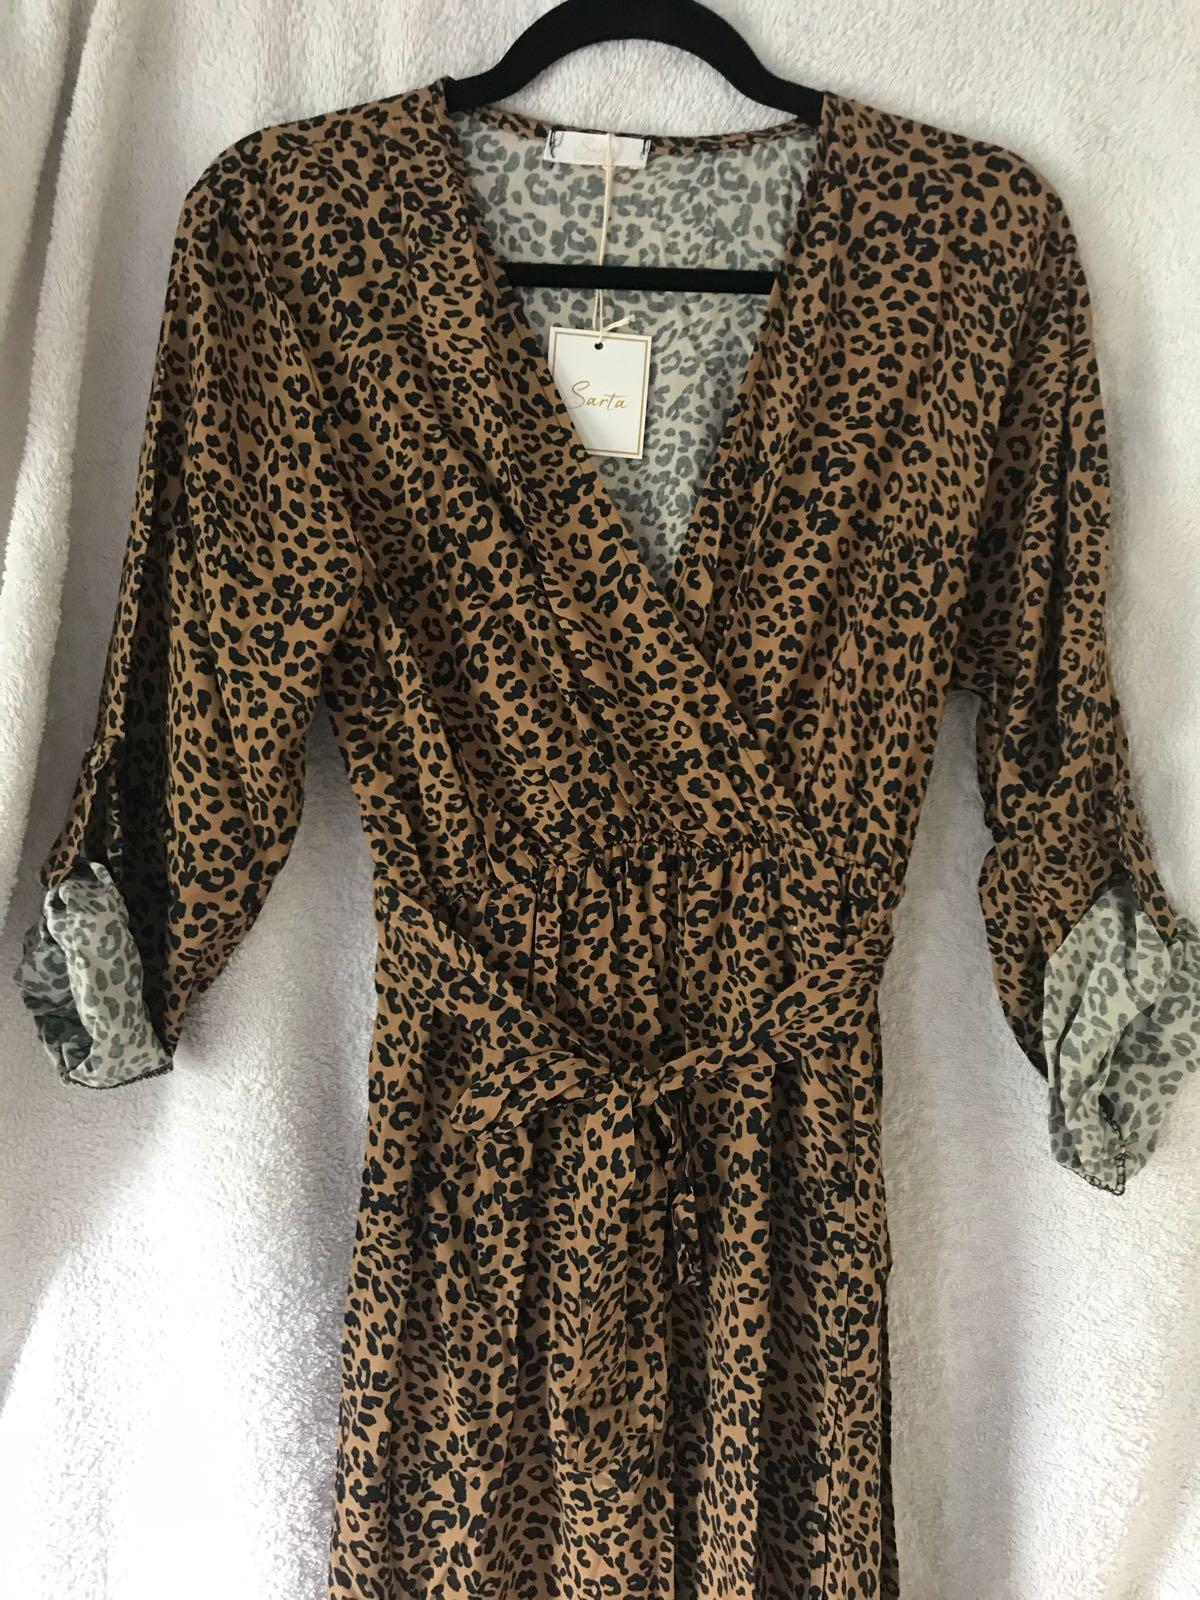 MSH dress